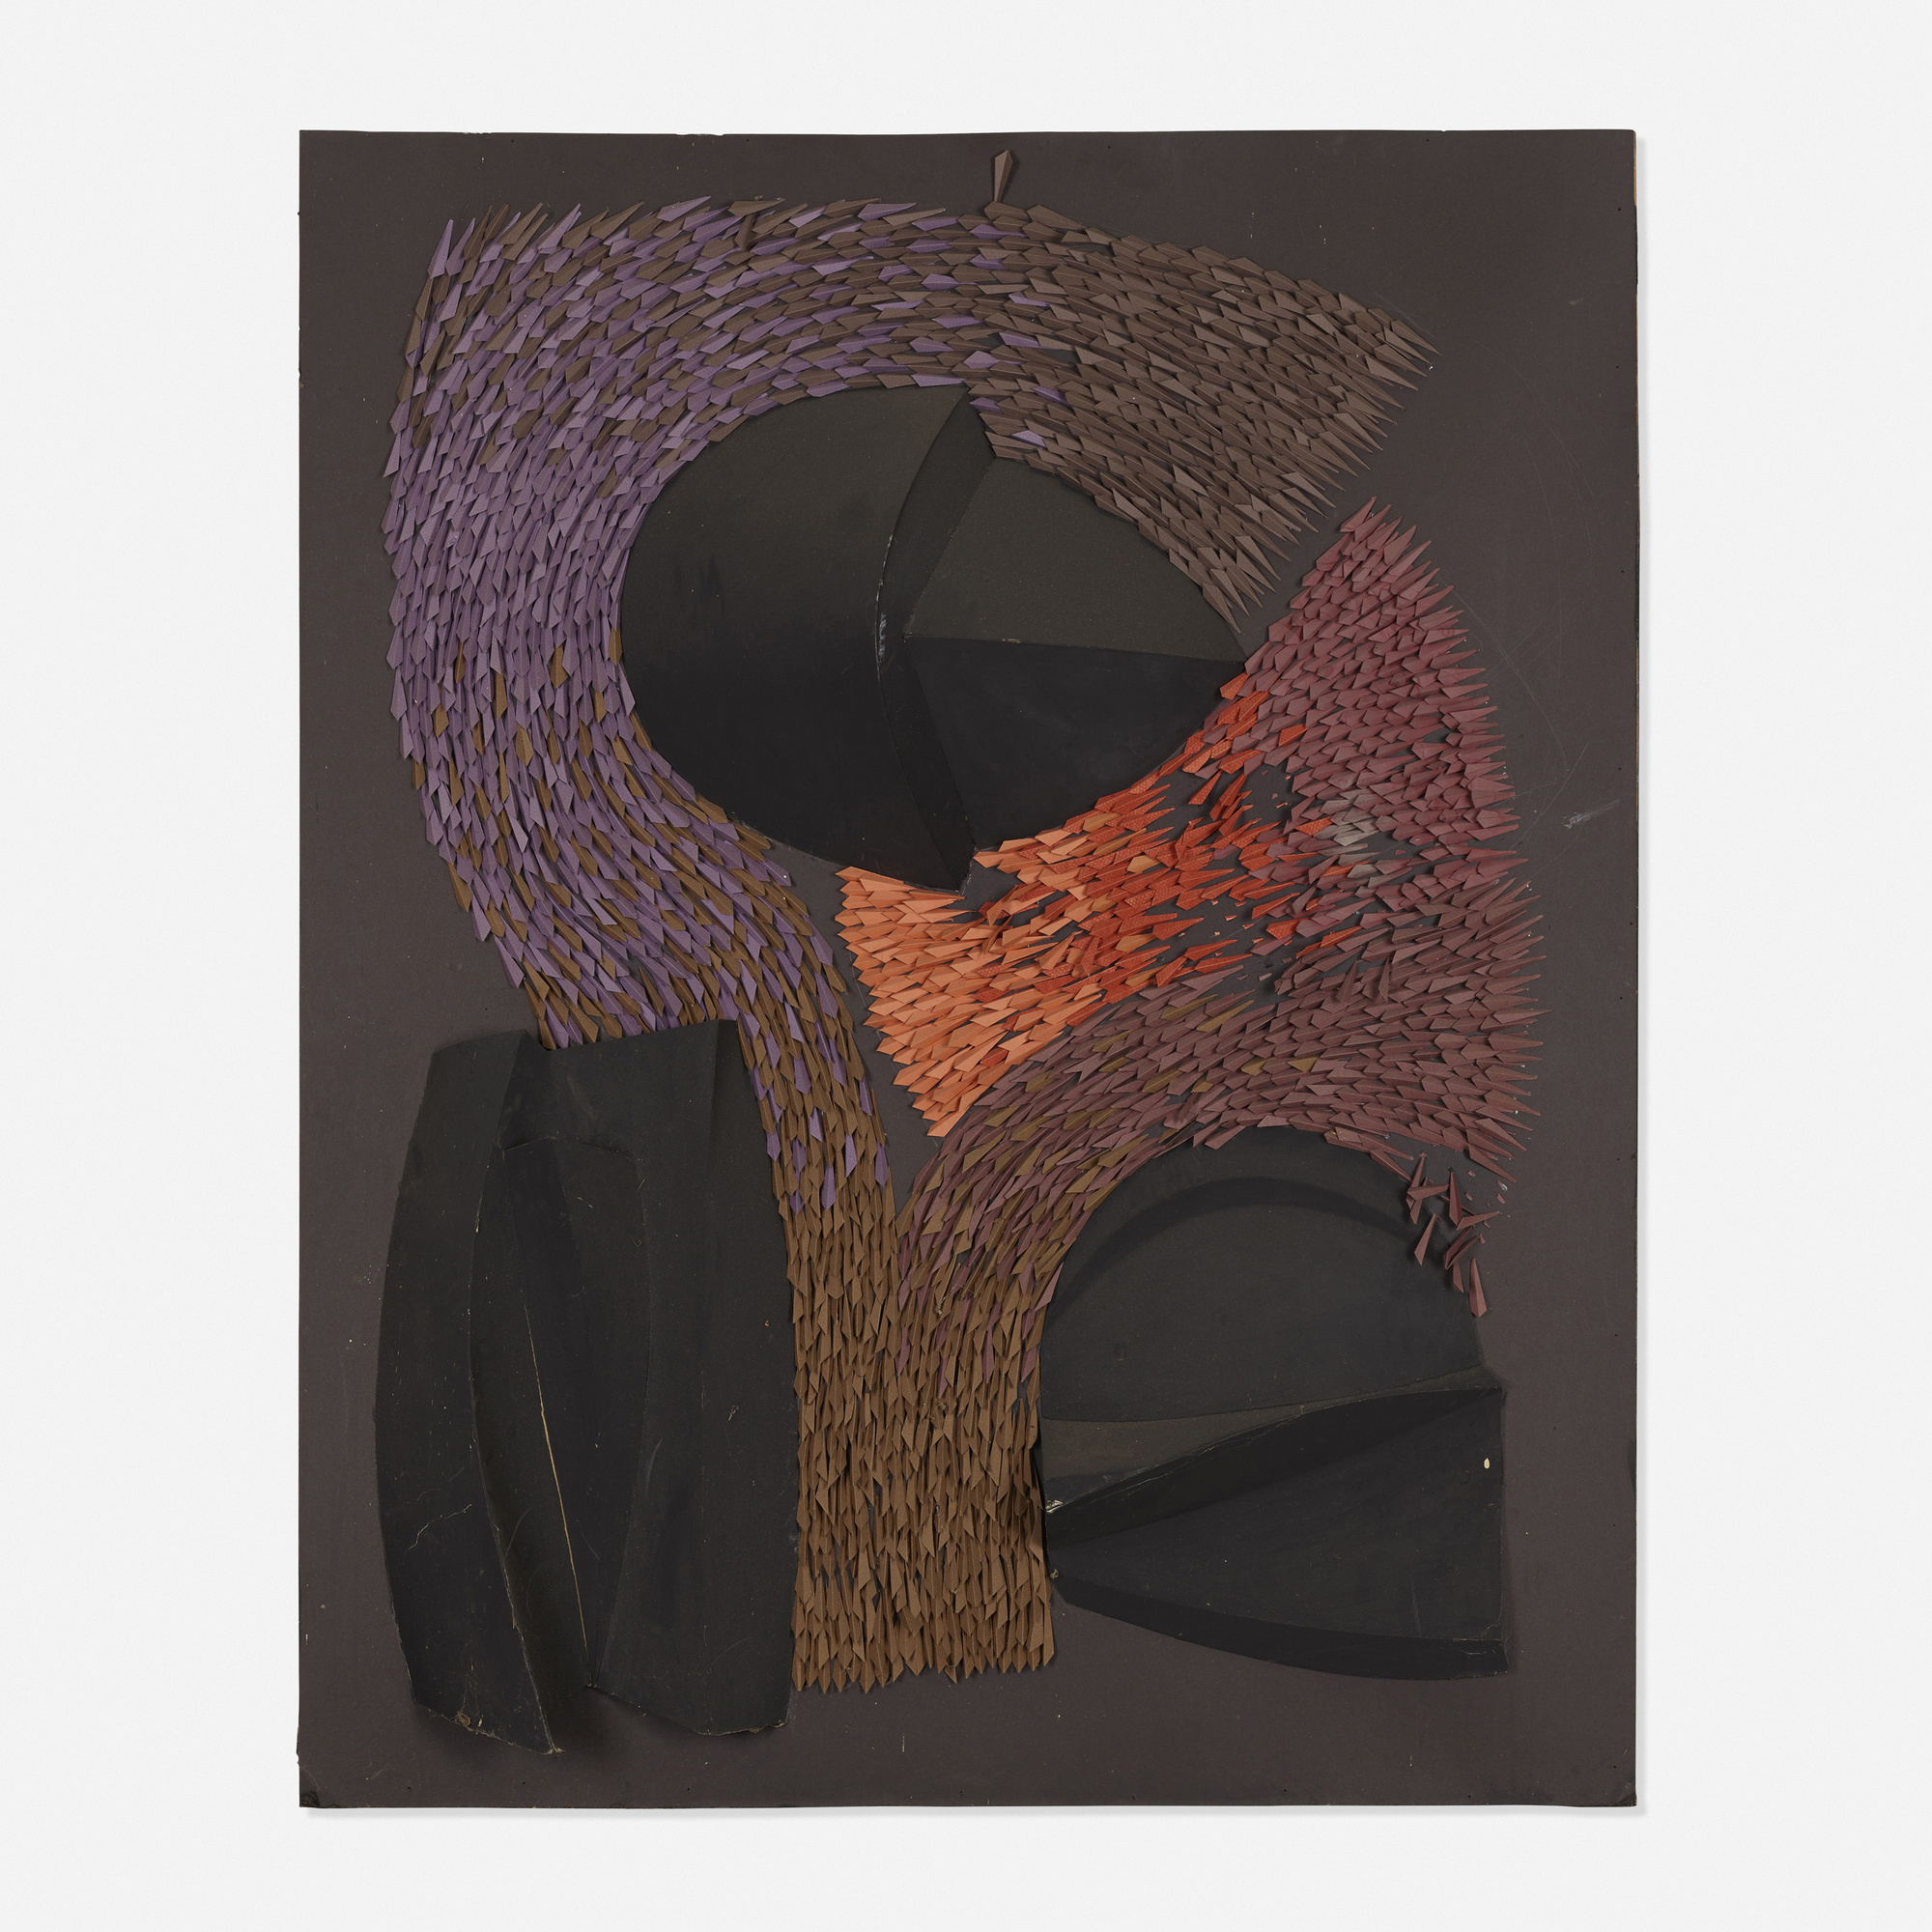 334: Irving Harper / Untitled (1 of 1)